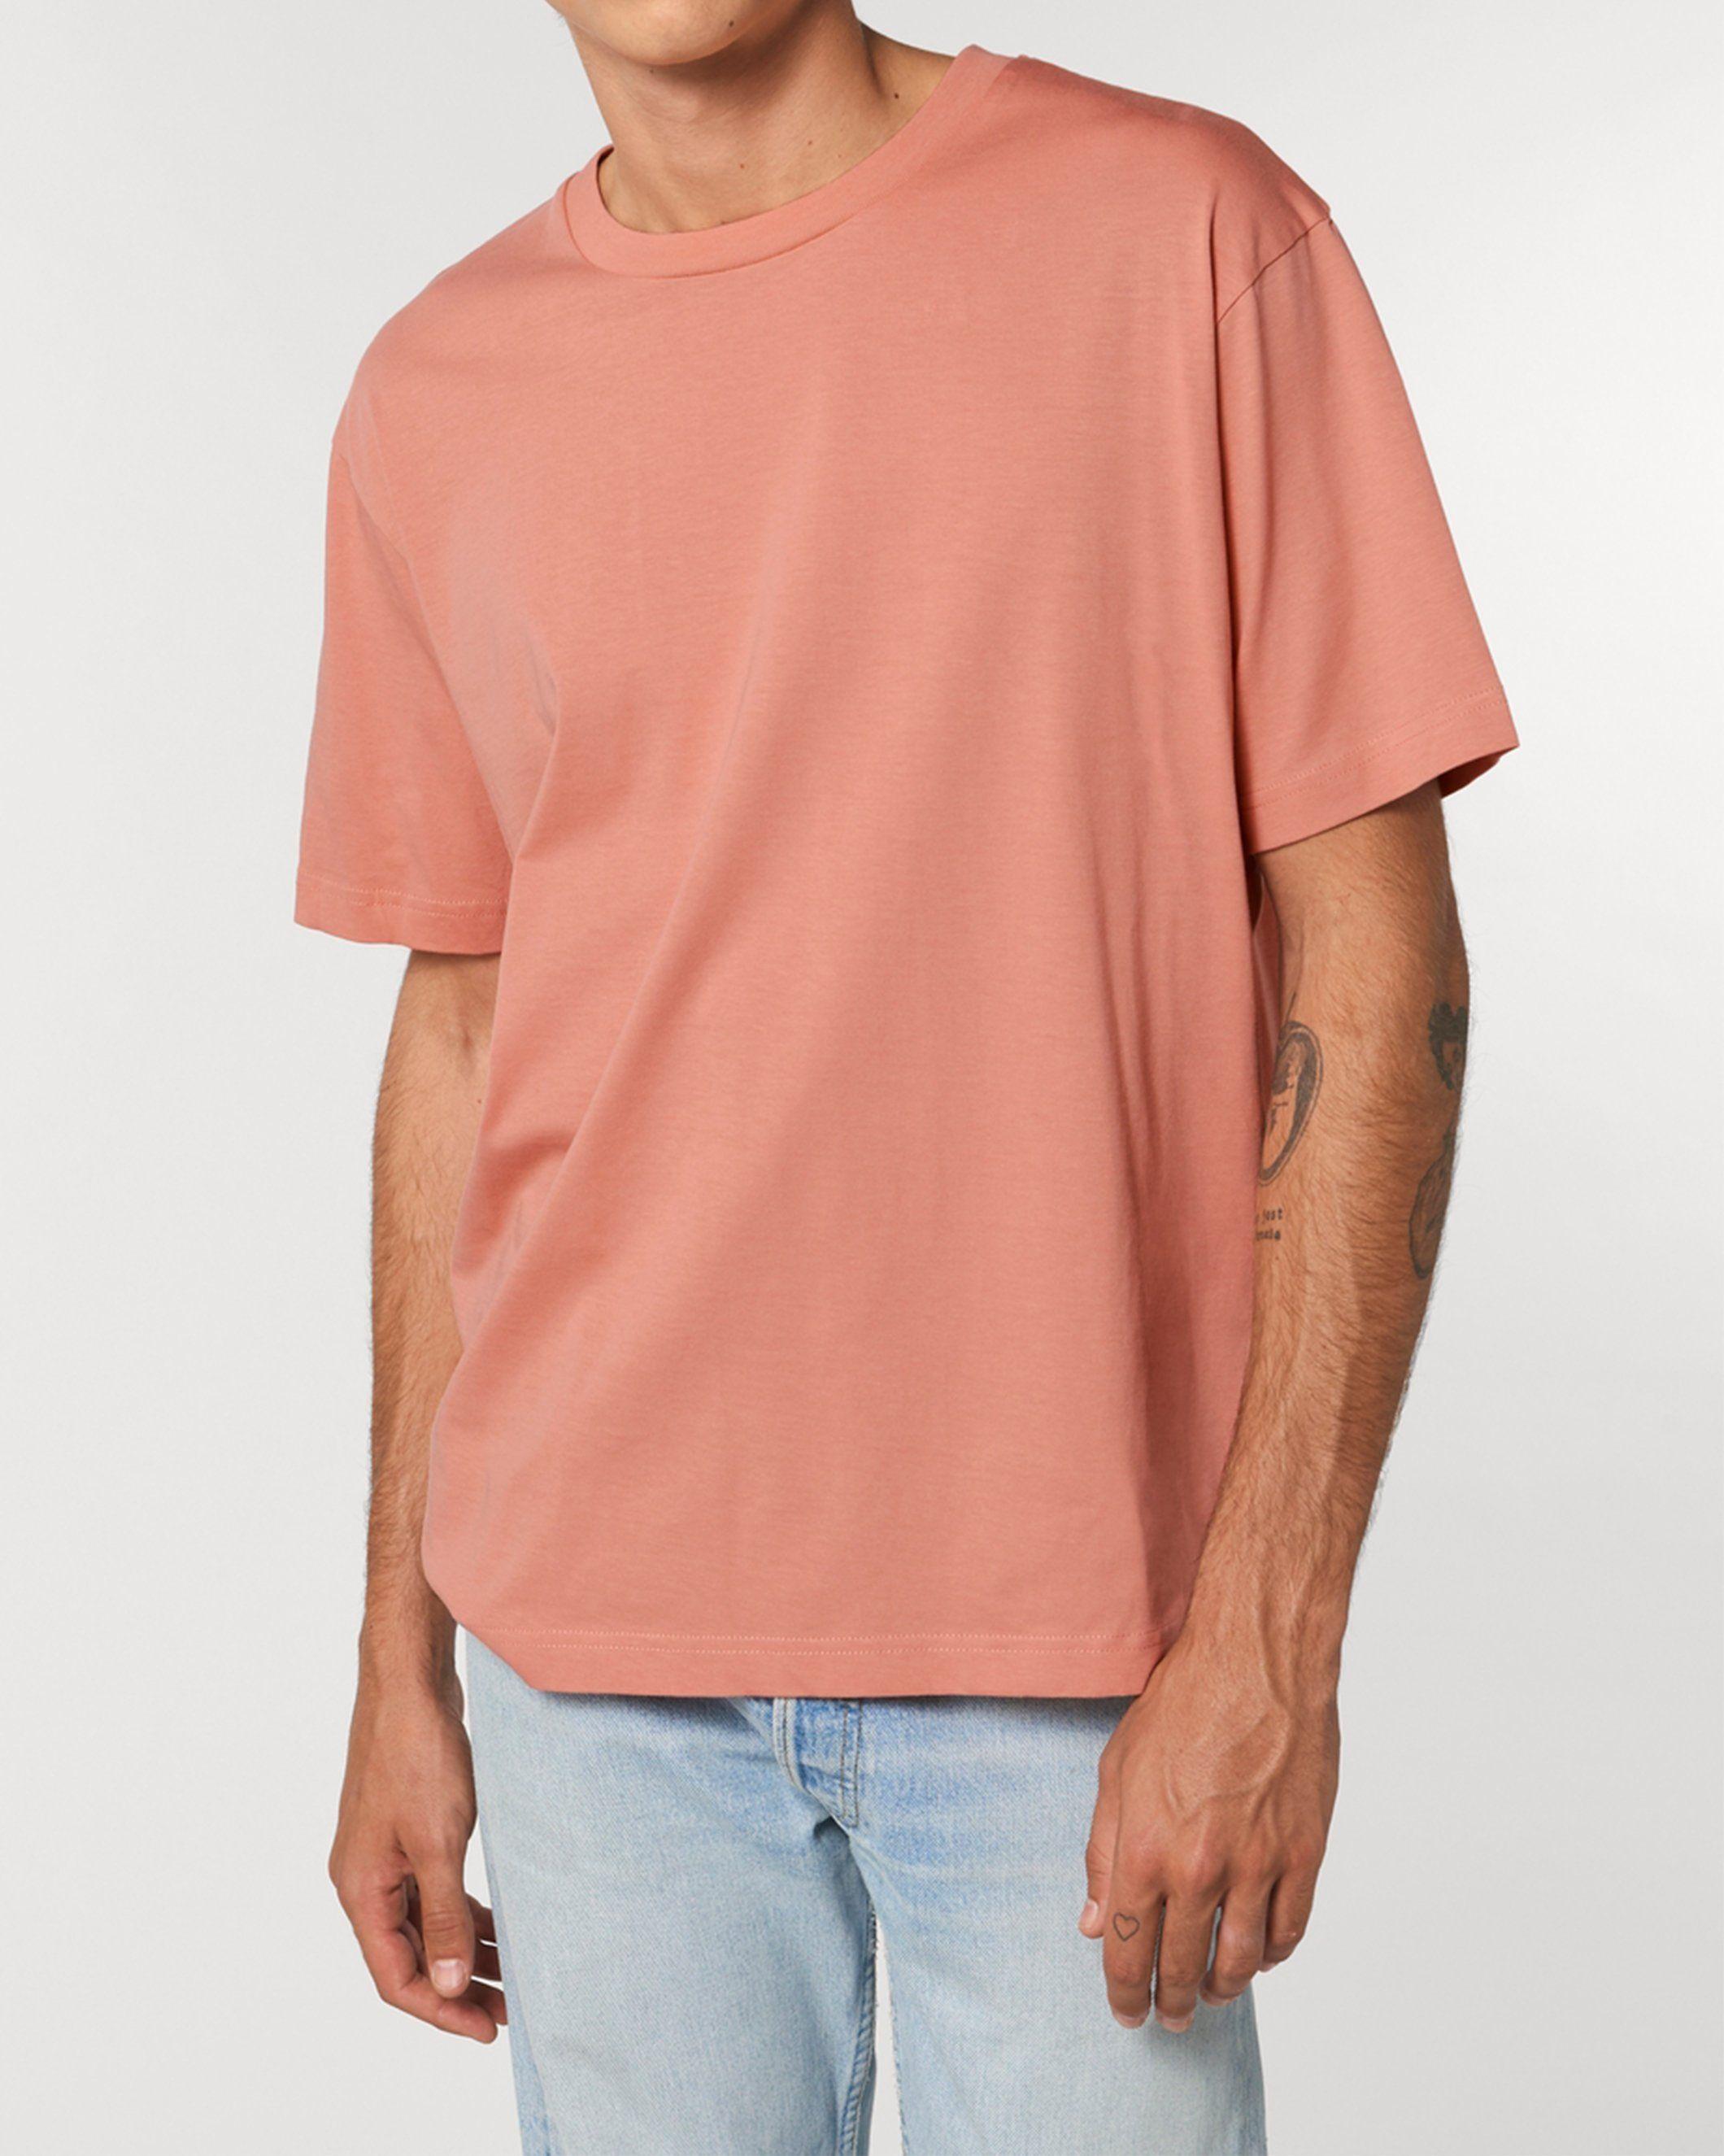 Antaratma Unisex Relaxed T-Shirt in Peach